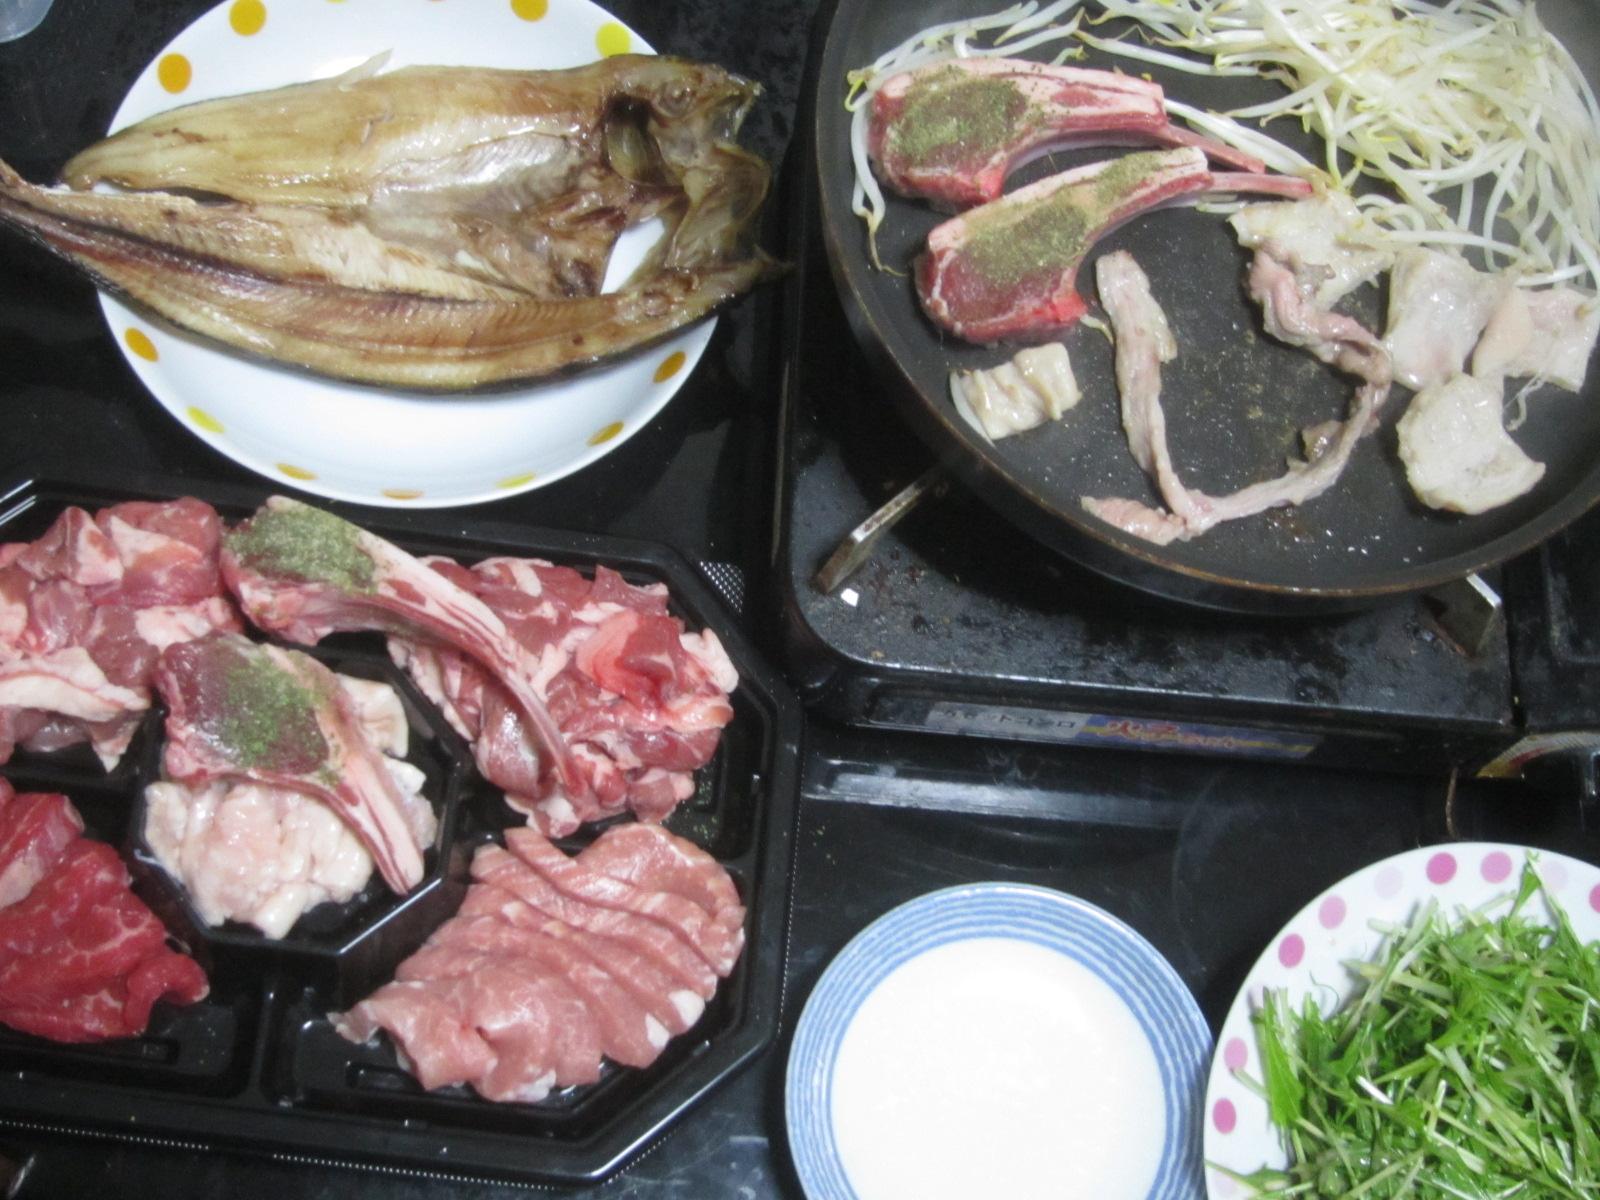 IMG 0113 - 焼肉の肉買って家で食べても微妙なのは先に焼いてたからみたい